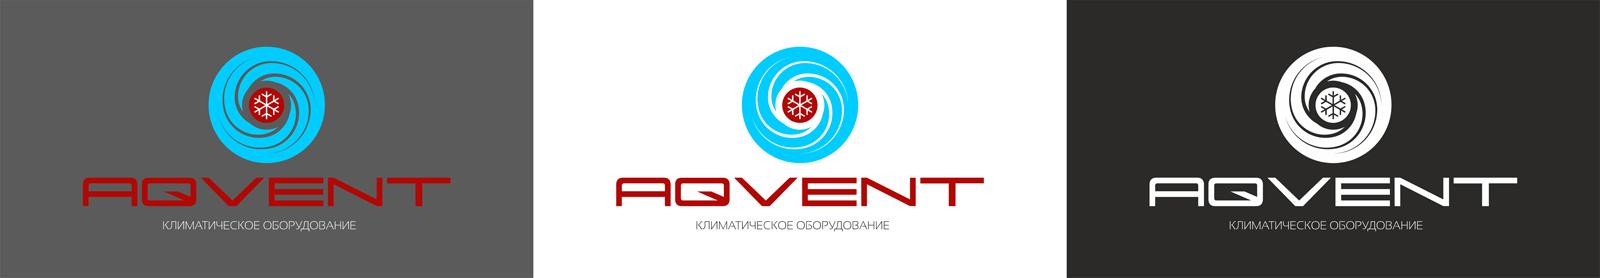 Логотип AQVENT фото f_971527d3855635ff.jpg